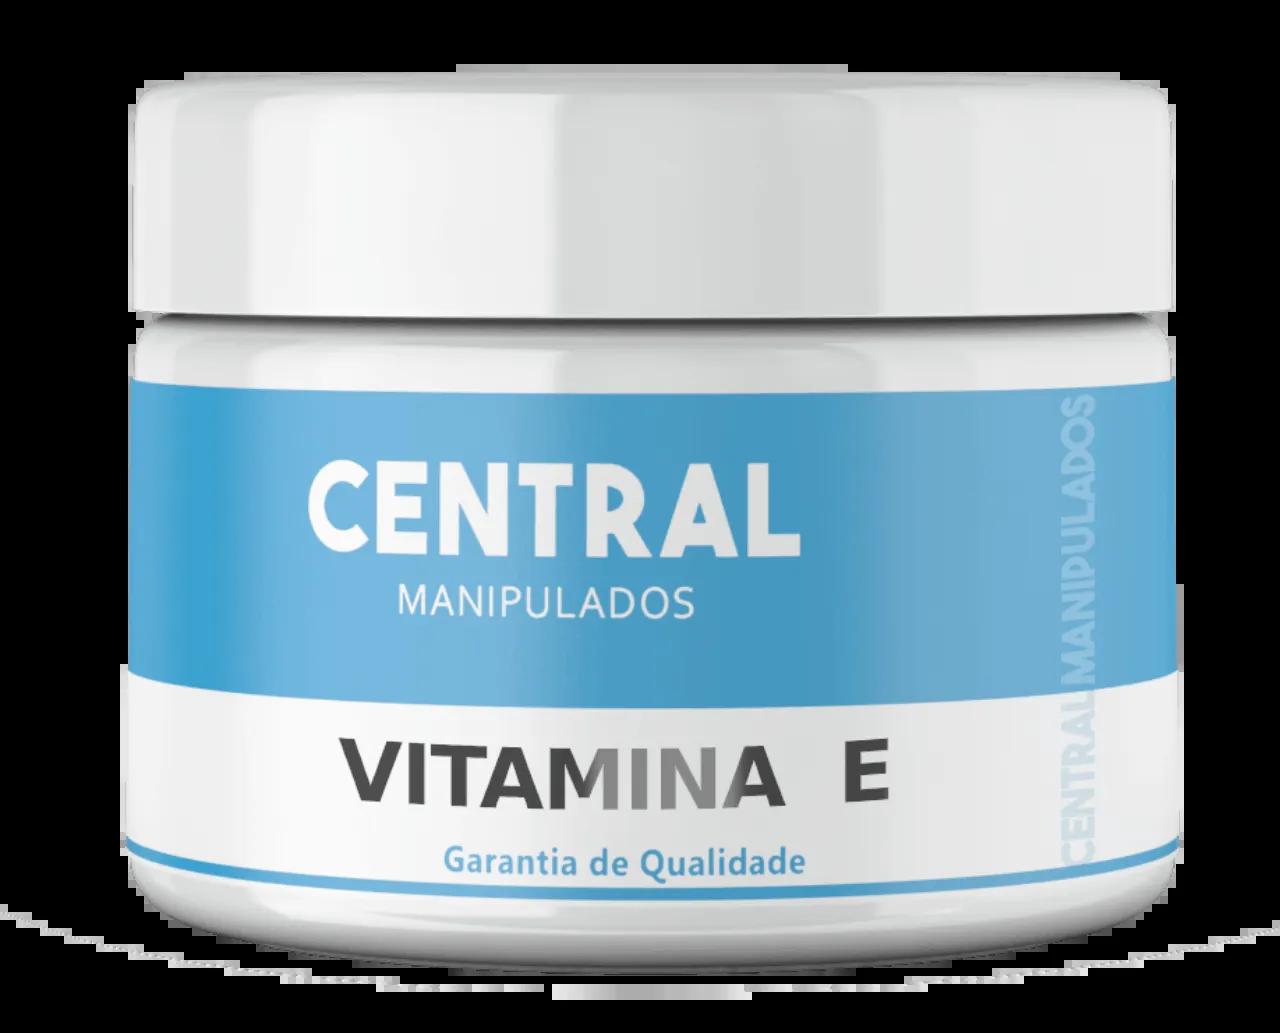 Vitamina E 2% - Creme 60g - Antioxidante para Pele, Anti-envelhecimento celular